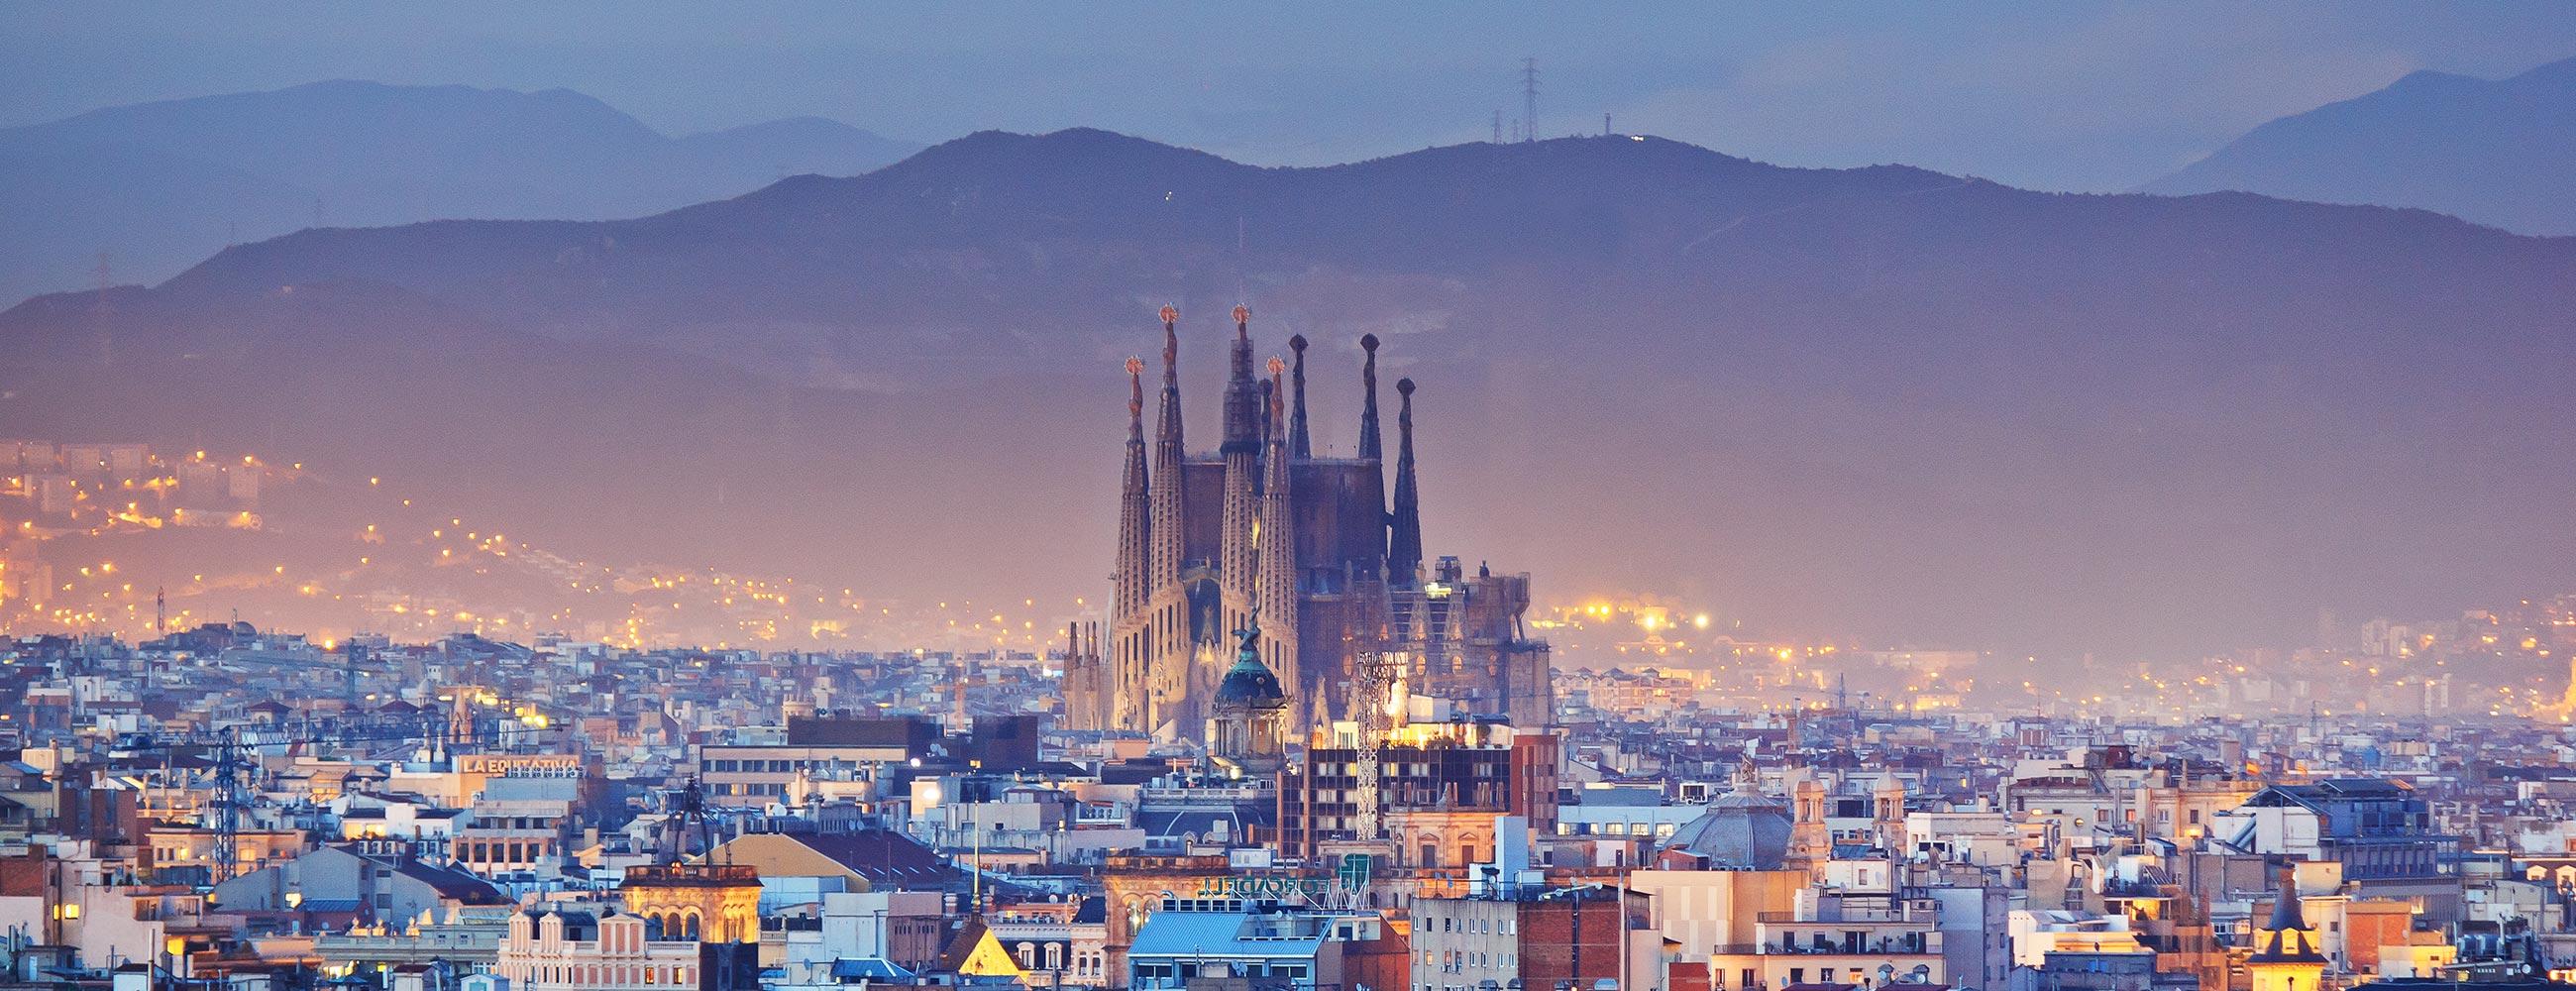 9-historische-Fakten-über-Barcelona-die-du-noch-nicht-kanntest